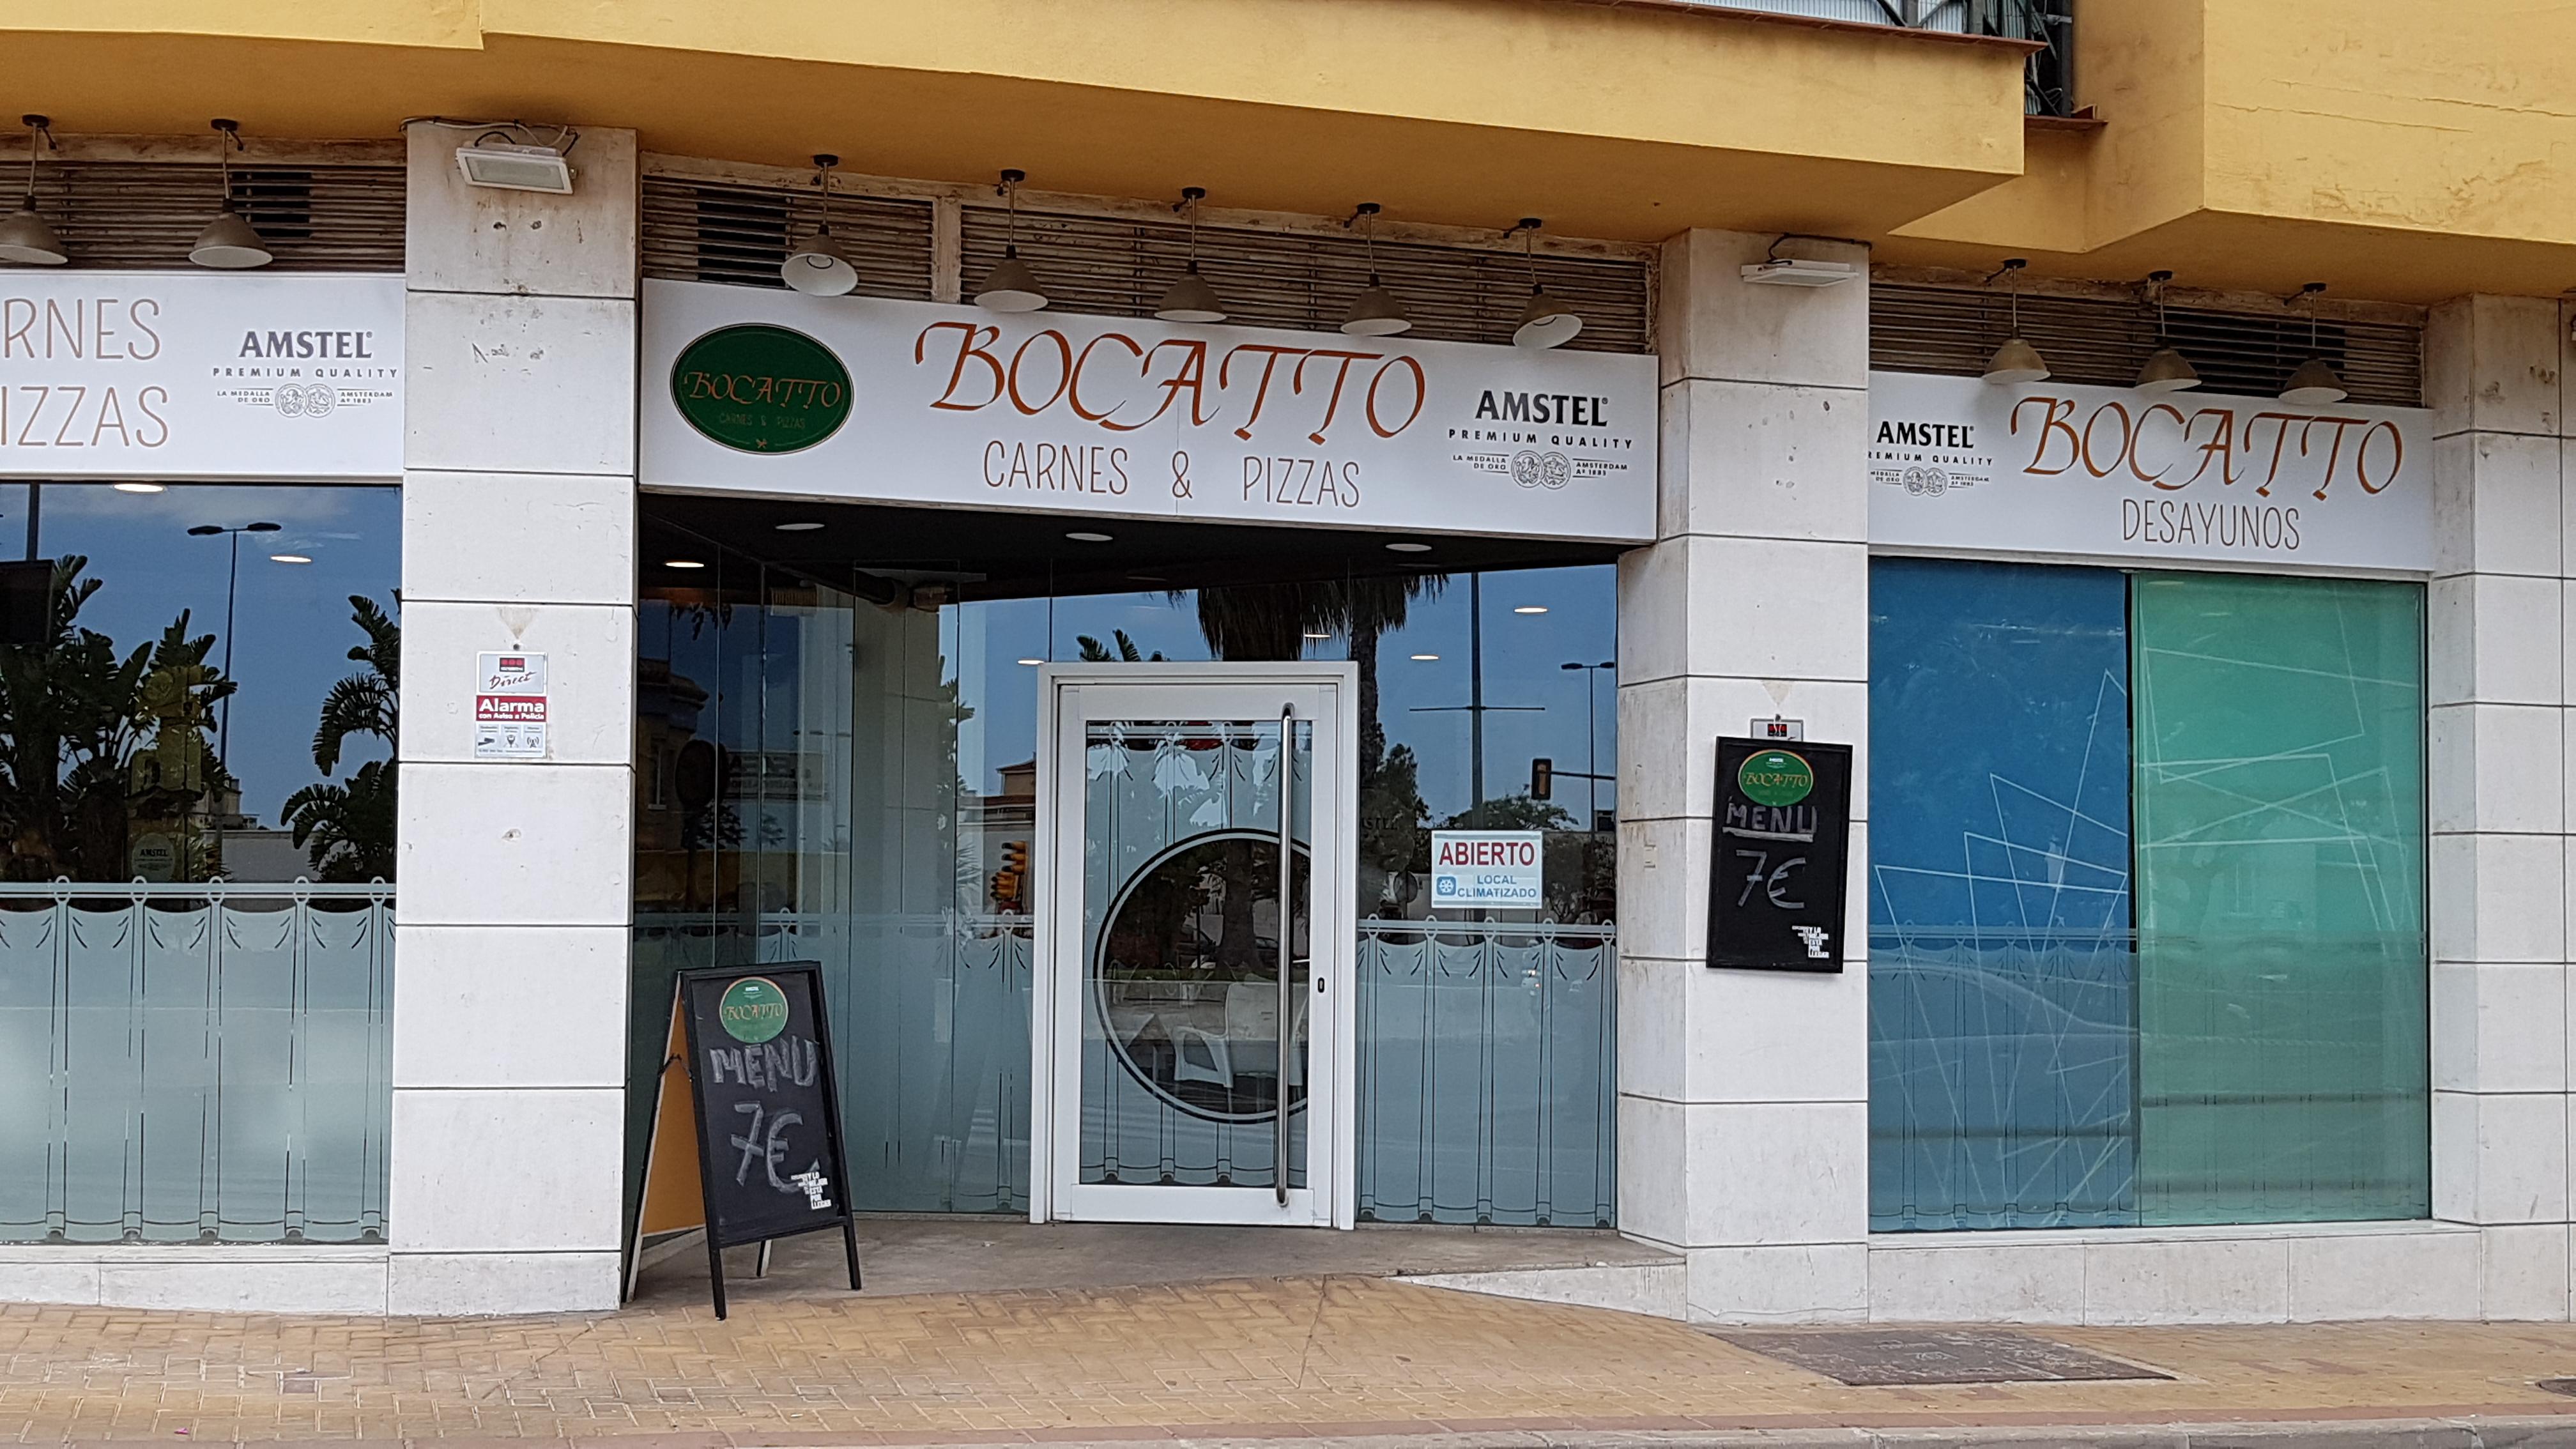 Bocatto Carne & Pizzas